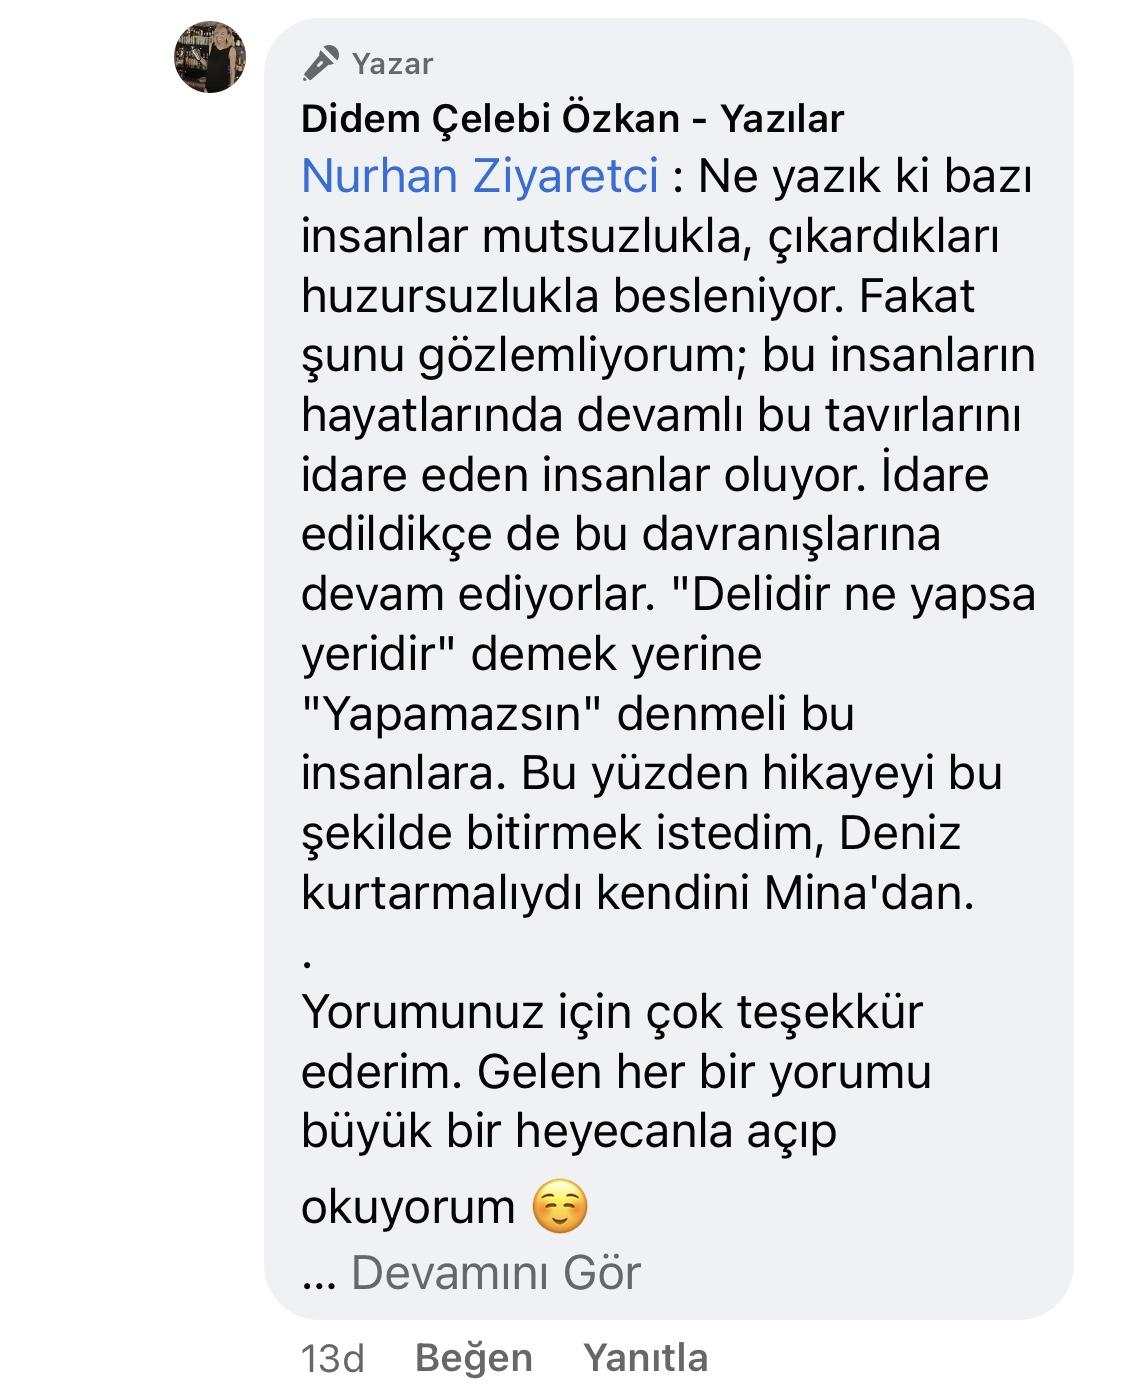 Hezeyan | Didem Çelebi Özkan Yazılar Facebook Sayfası Yorumları | 03_02